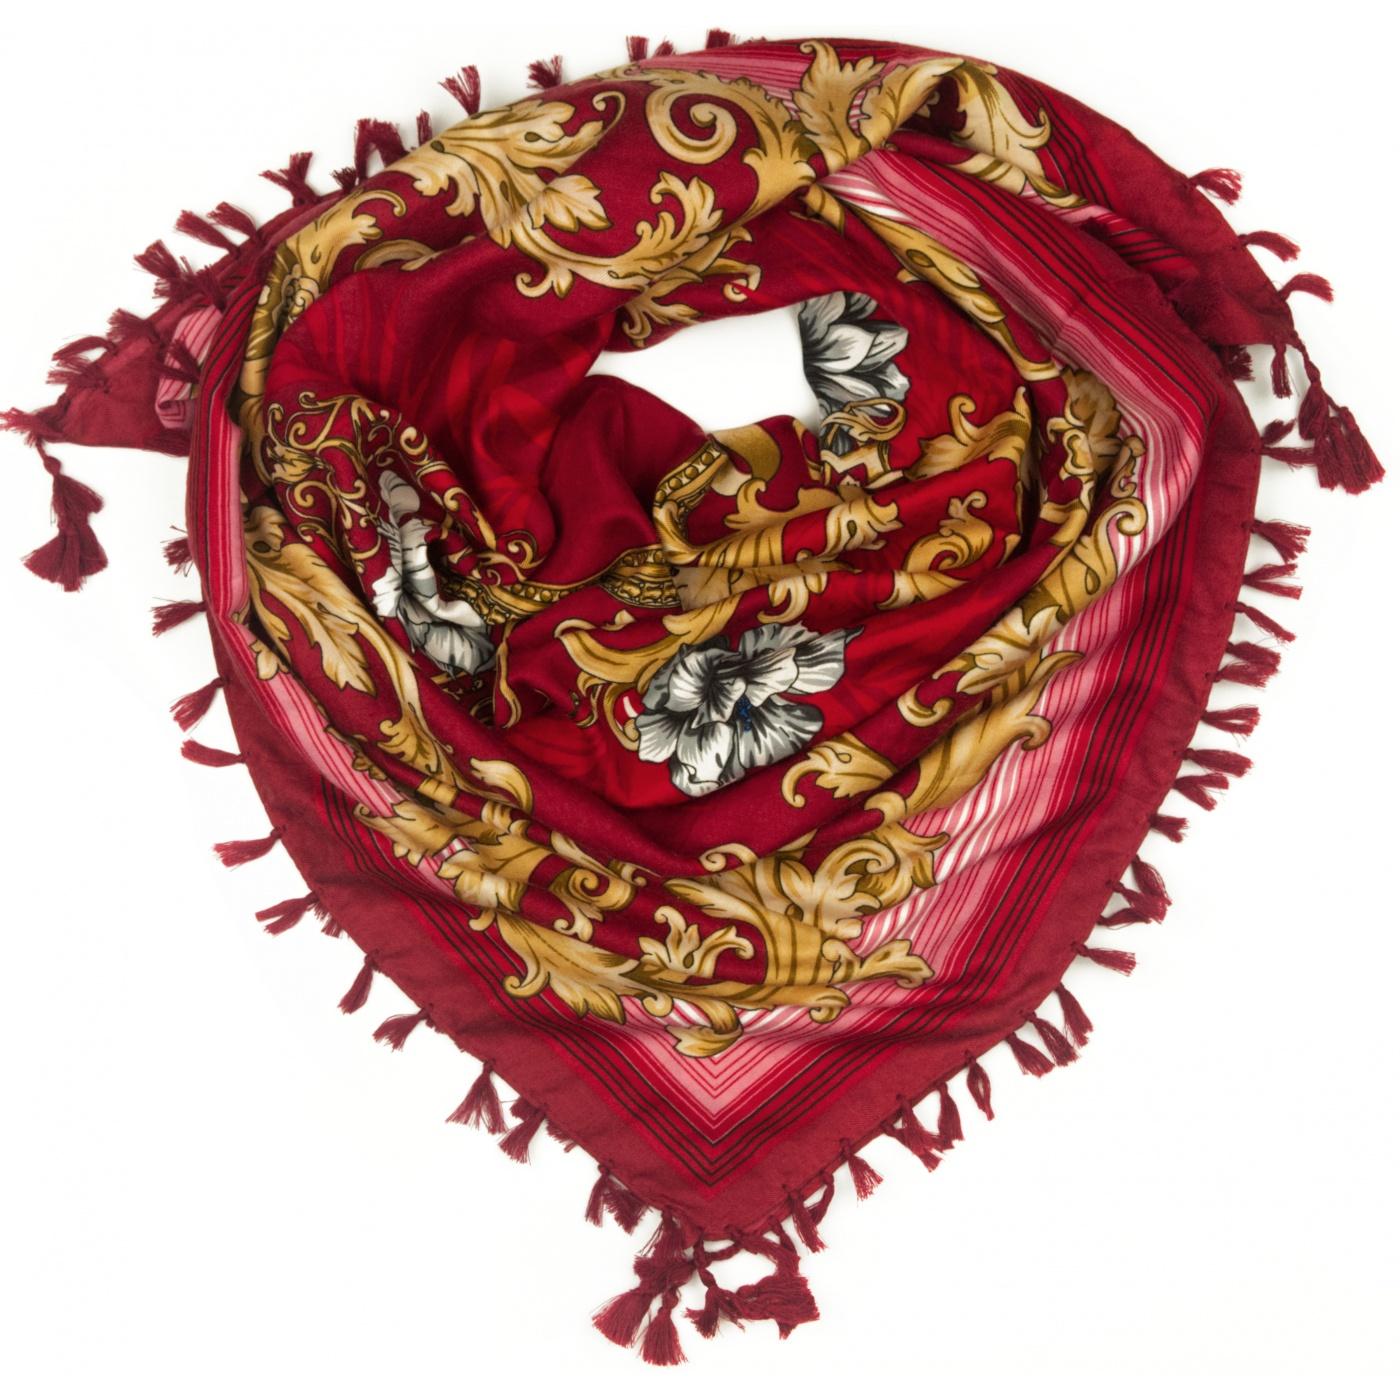 Chusta w złote wzory i róże - czerwona